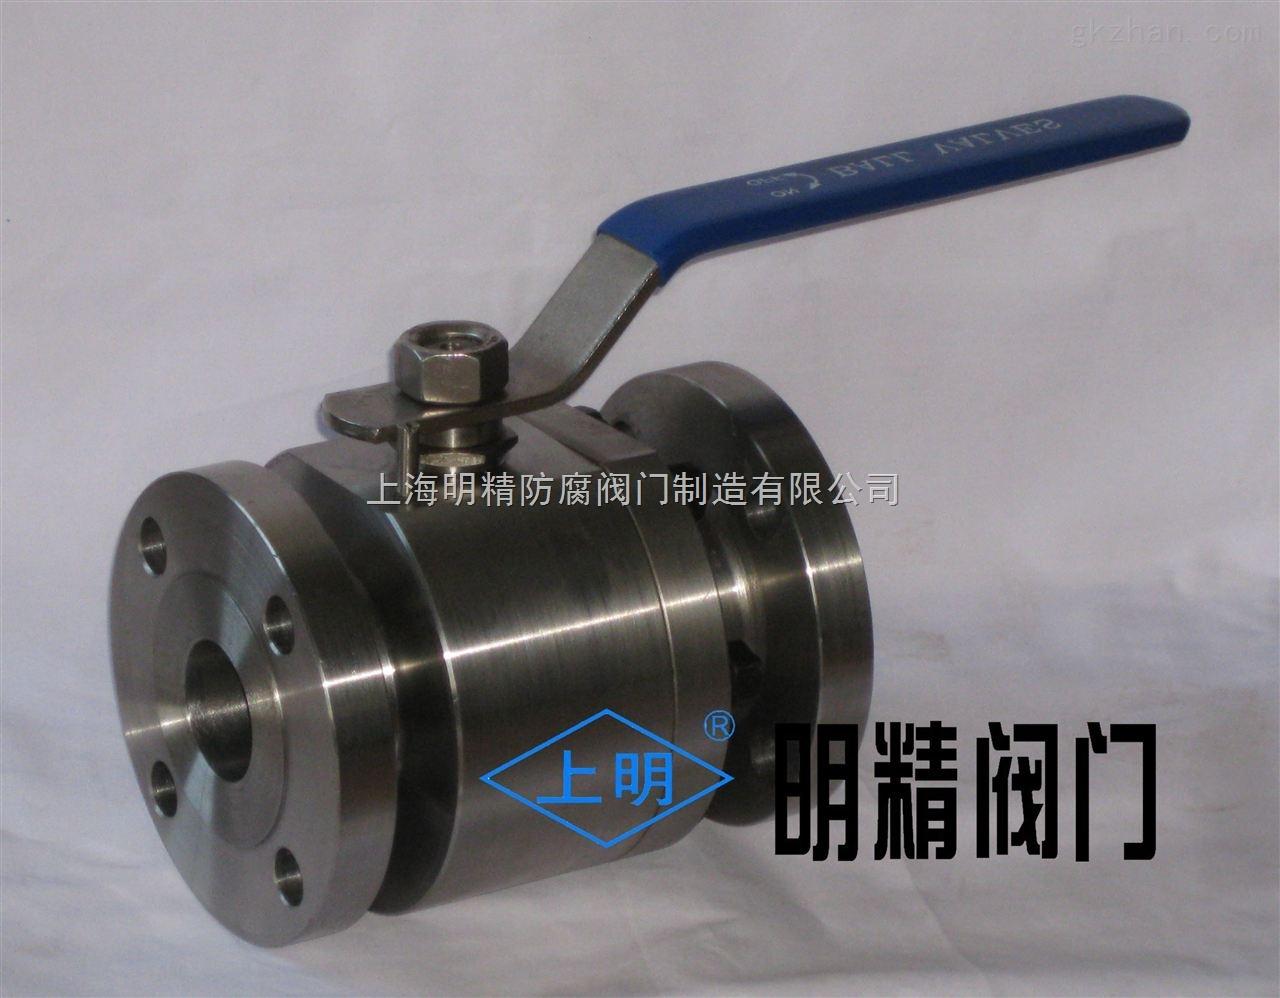 q41n系列q41n-160p高压锻钢球阀 精小型三段式球阀 不锈钢高压球阀图片